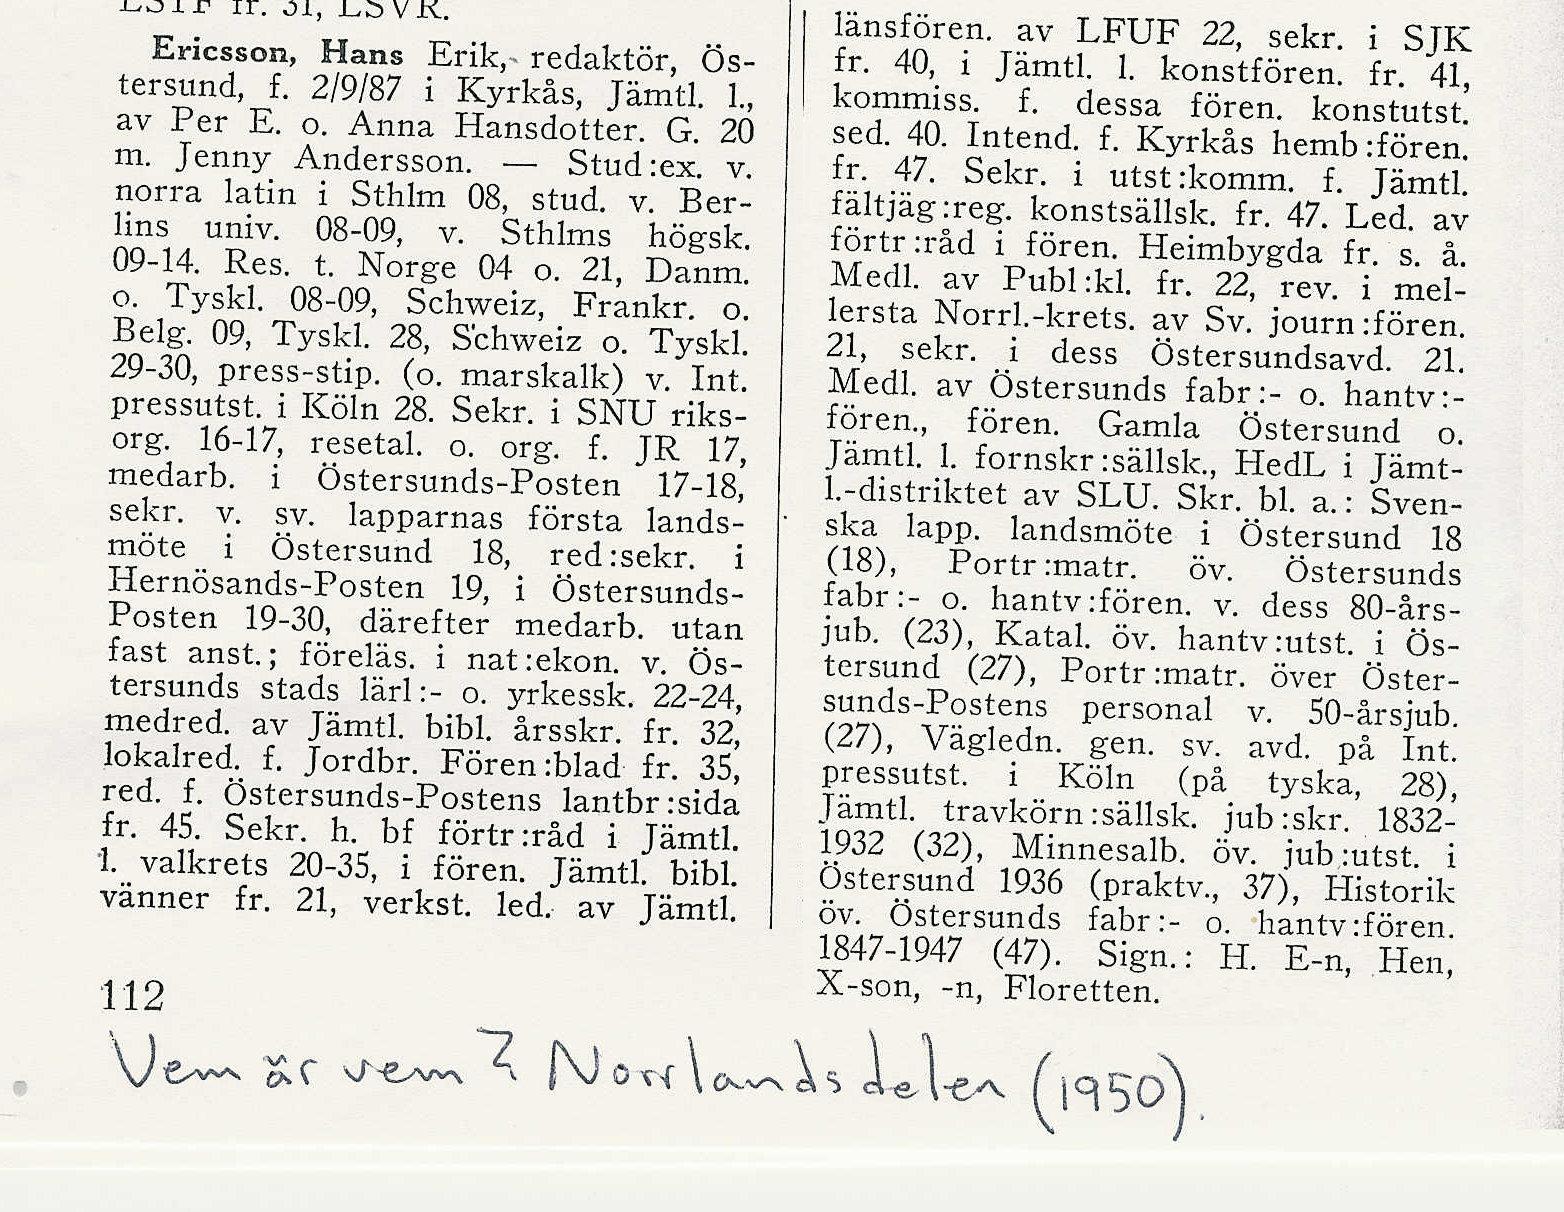 Hans Ericssons biografi - Vem är vem 1950